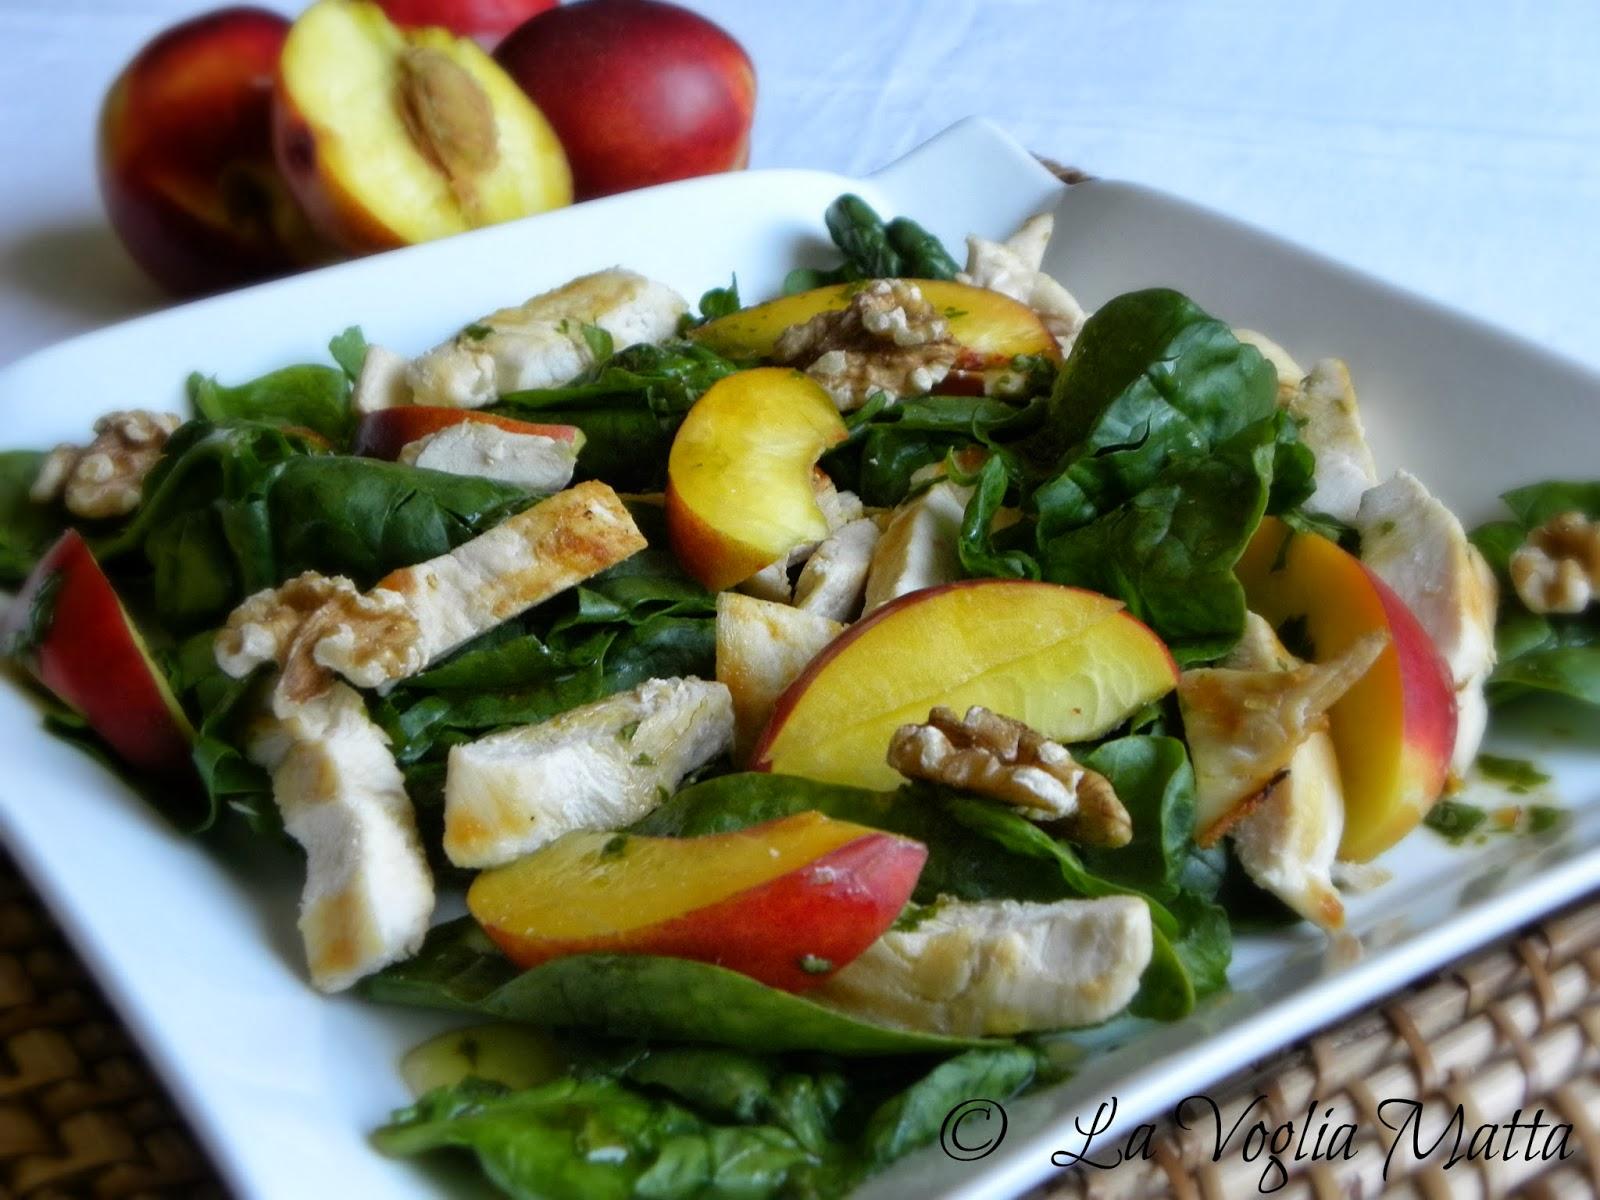 insalata di pollo grigliato con pesche nettarine, spinaci e vinaigrette al basilico